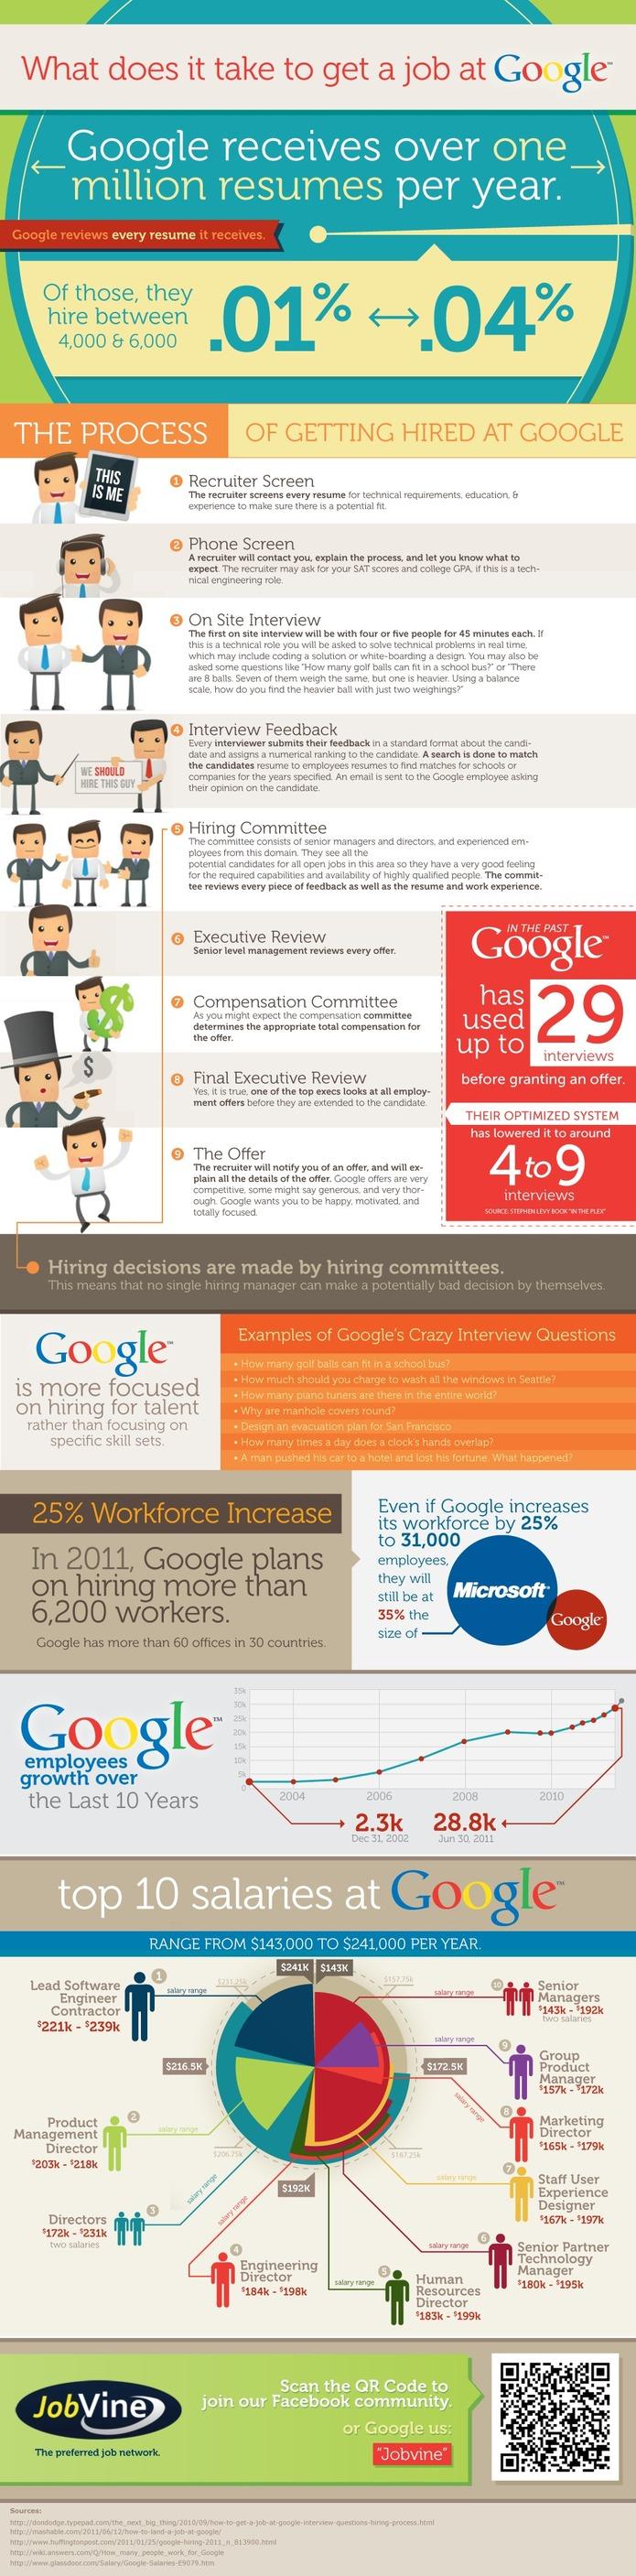 Parcours d'une embauche chez Google en 1 image